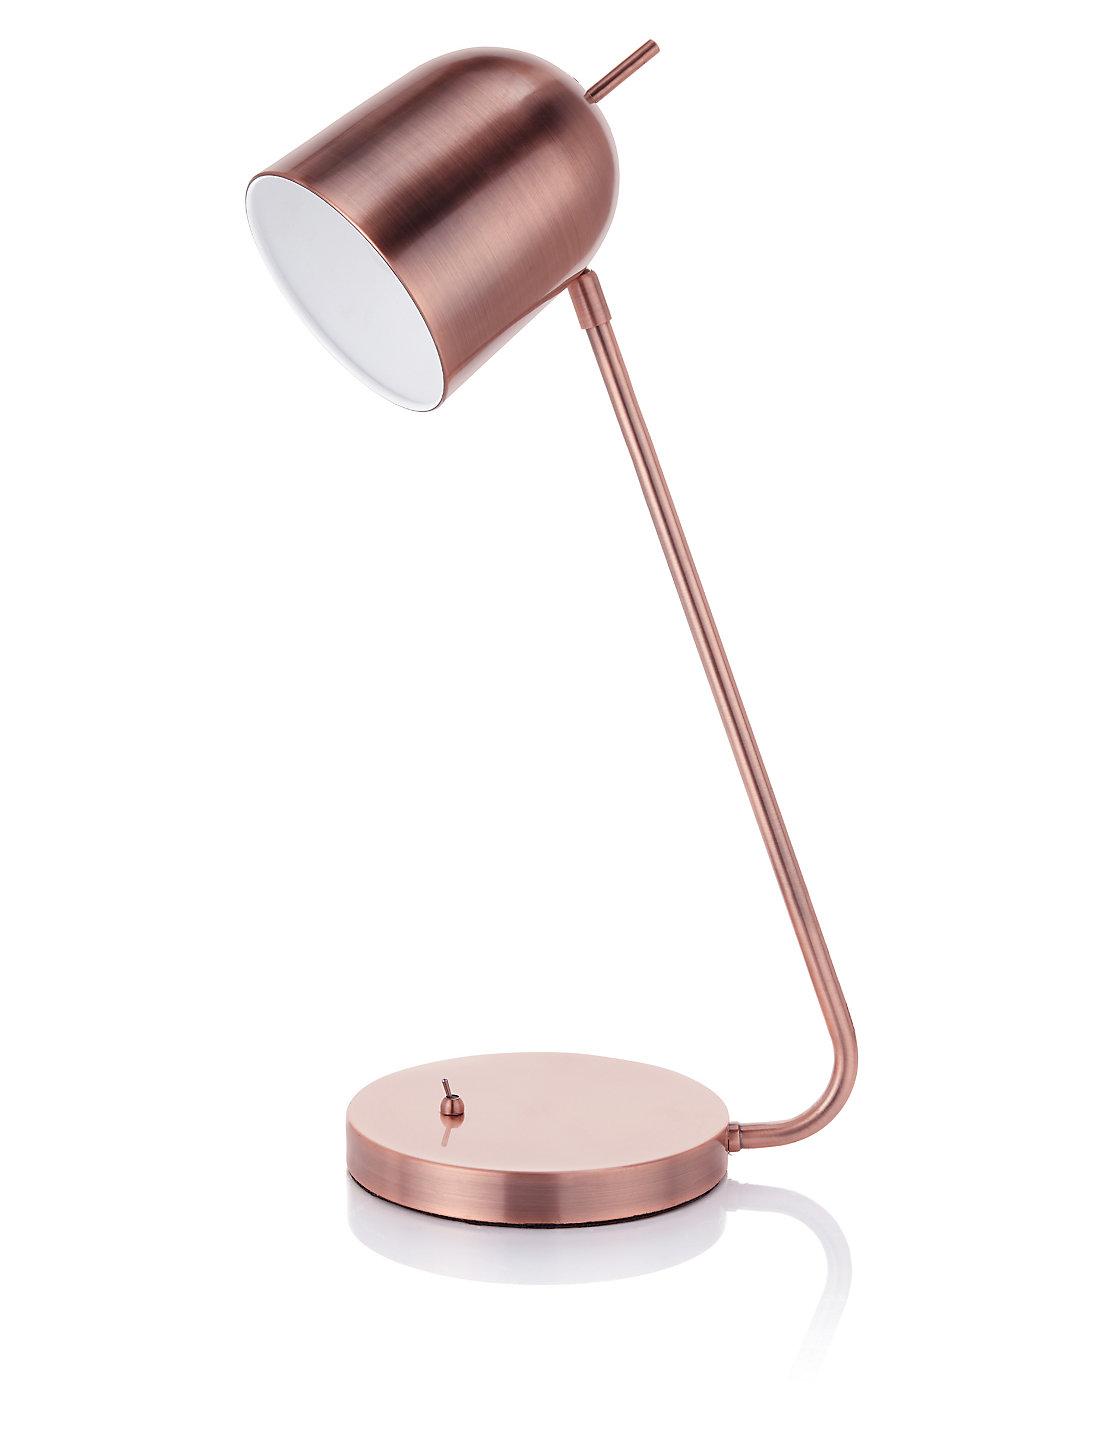 Conran pinero copper task table lamp ms conran pinero copper task table lamp geotapseo Images